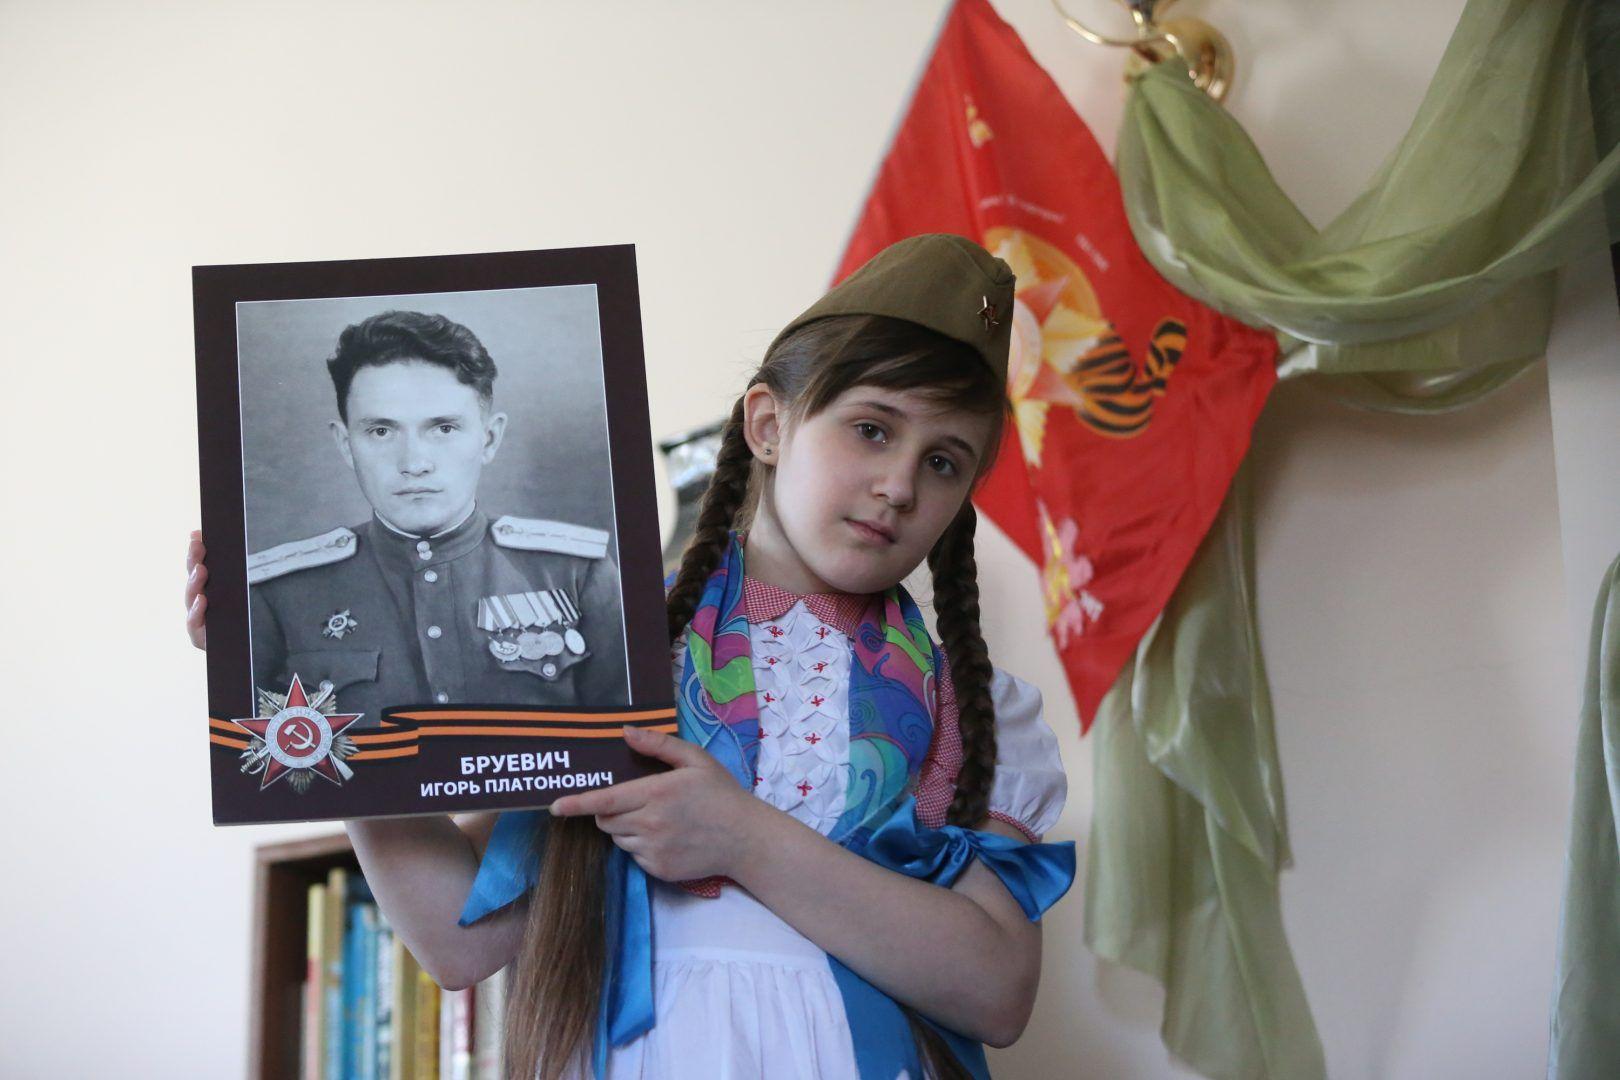 Наташа Кузнецова знает о подвигах своего прадеда Игоря Бруевича. Фото: Виктор Хабаров